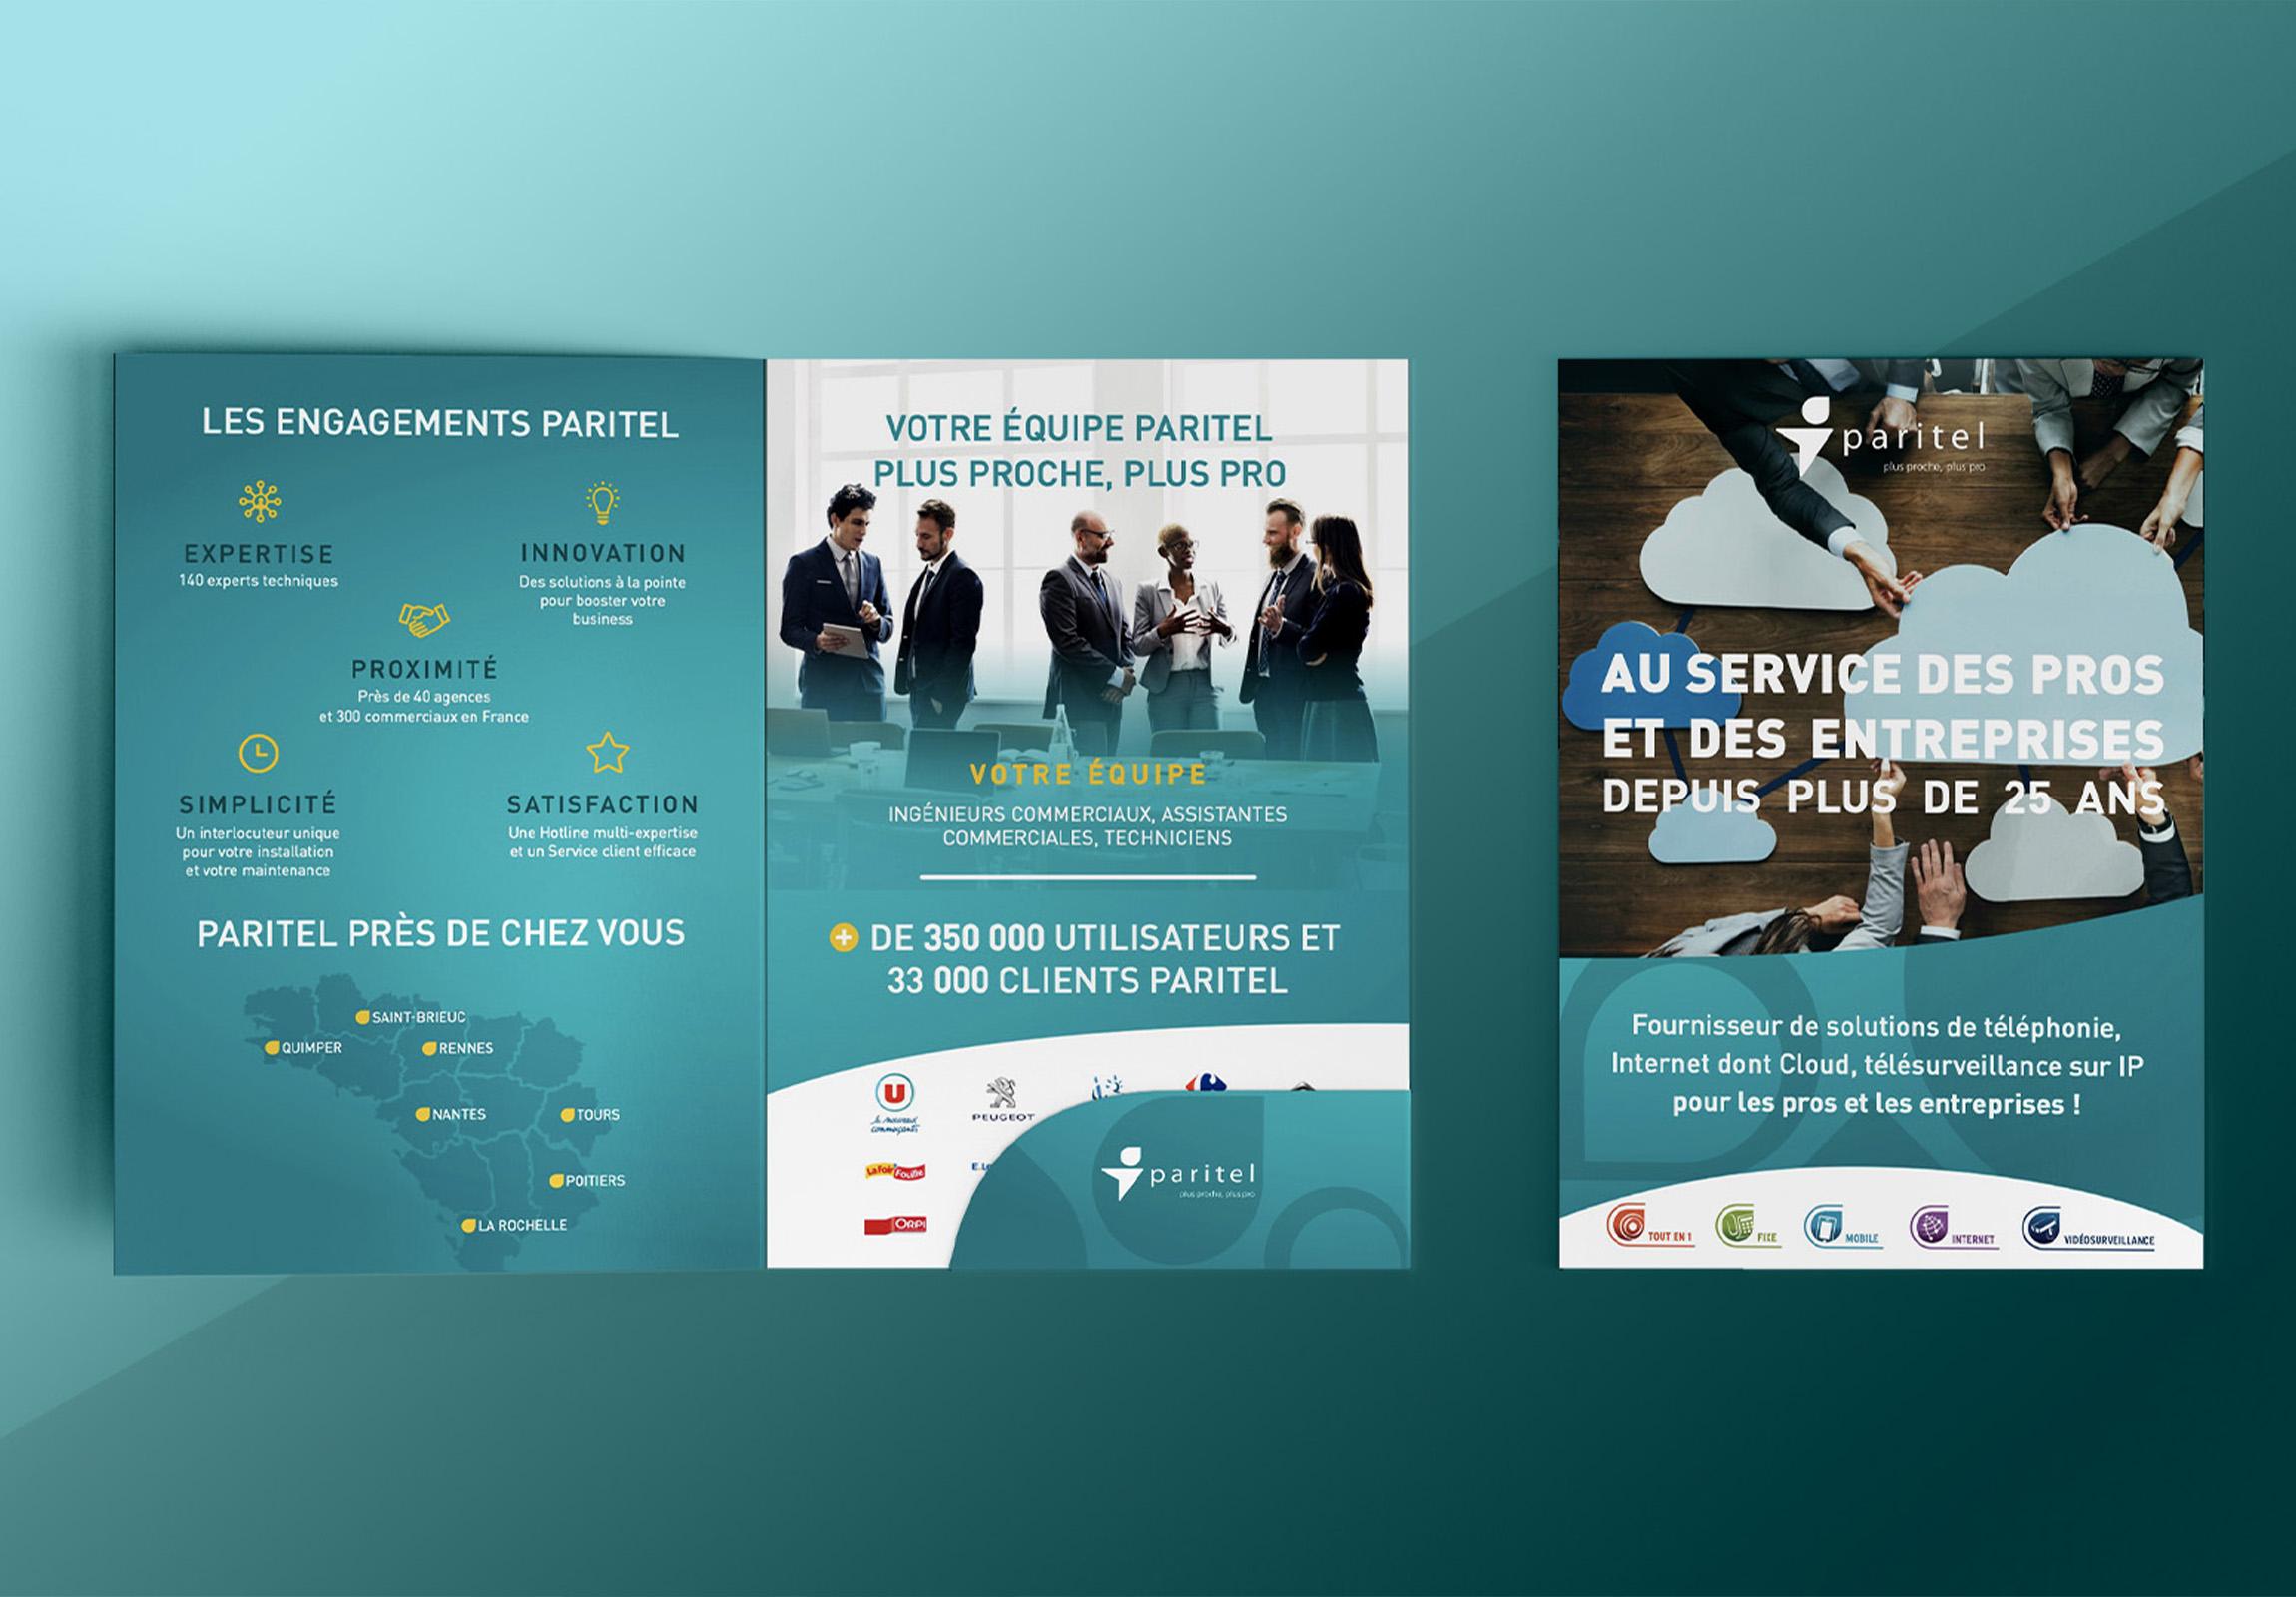 Miniature édition (brochure, flyer, affiche). Réalisé par paulalexandre. Graphiste, Web Designer, Motion Designer & Illustrateur freelance basé sur Marseille. Un projet ? N'hésitez pas à me contacter.